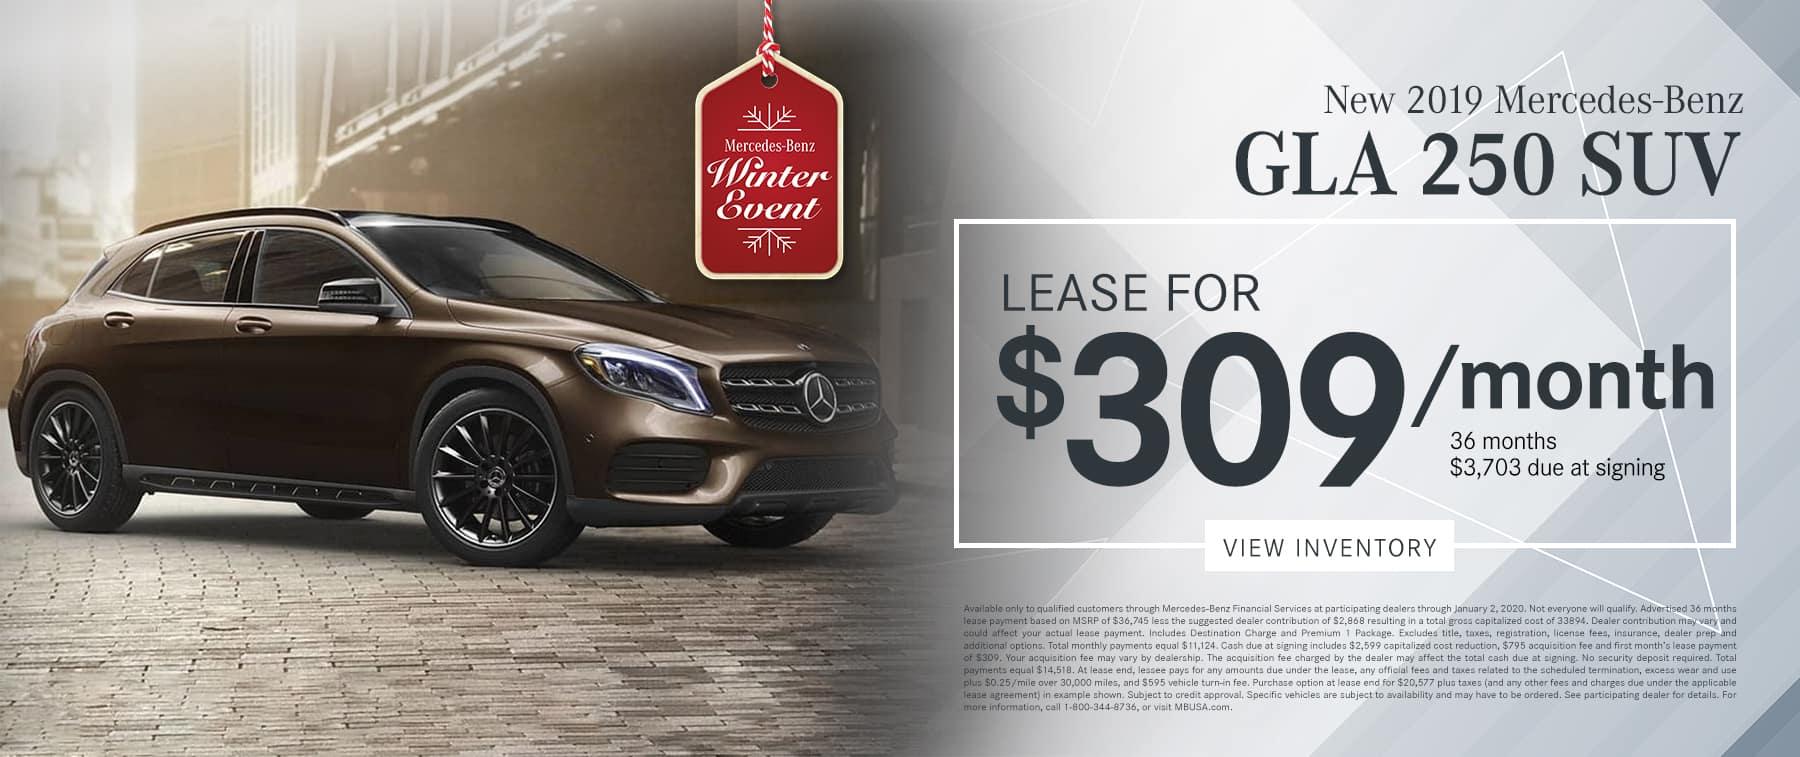 2019 GLA 250 SUV LEASE FOR $309/MO.